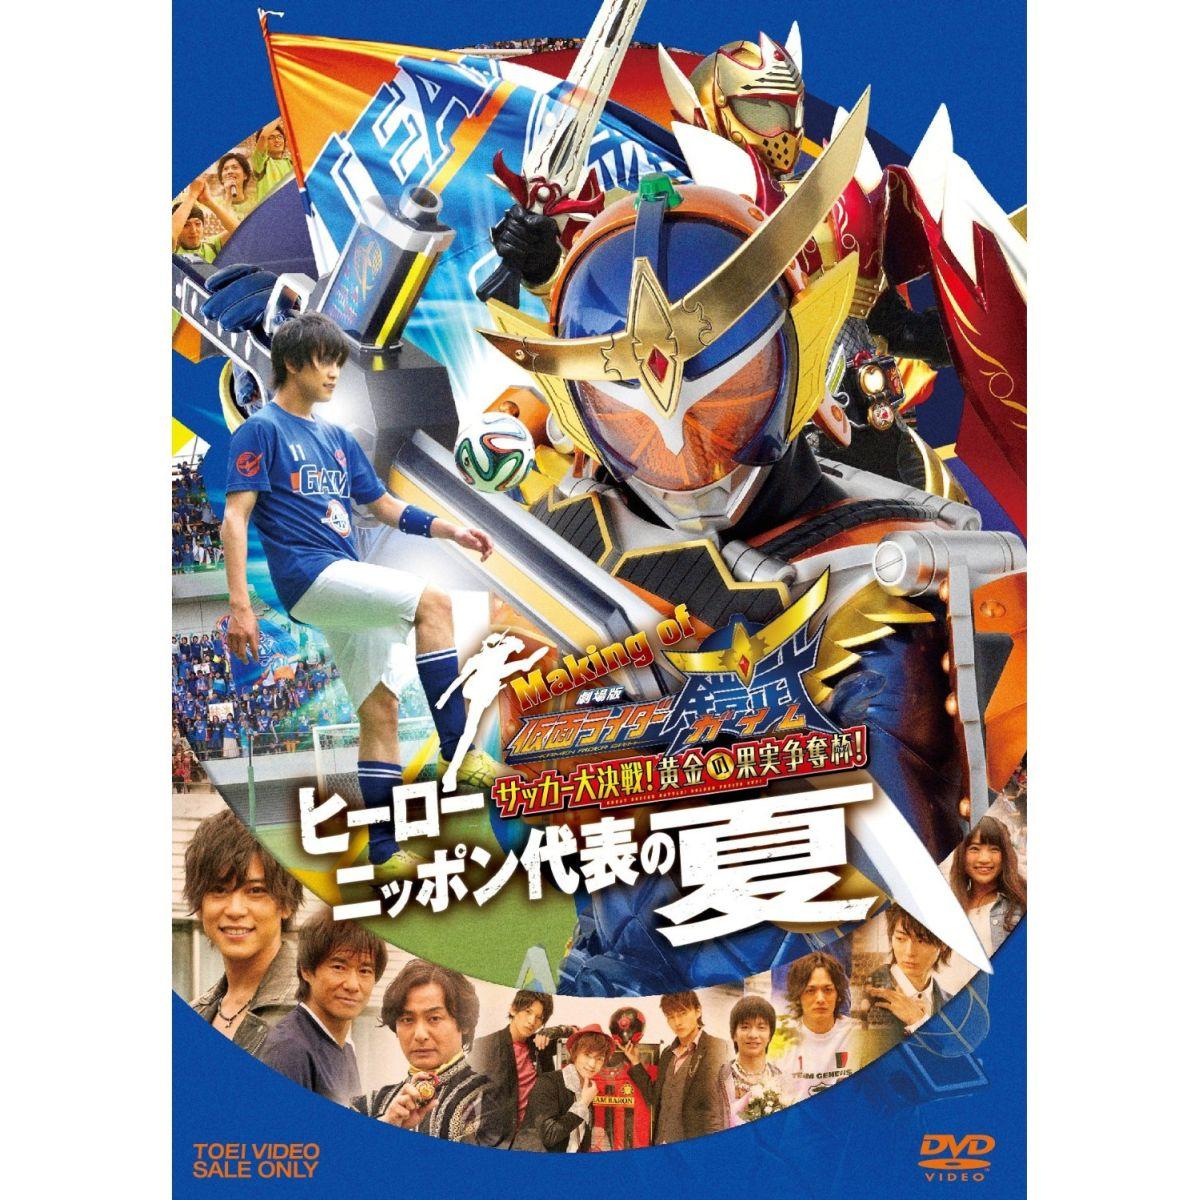 Kamen Rider gaim episode 1 ()